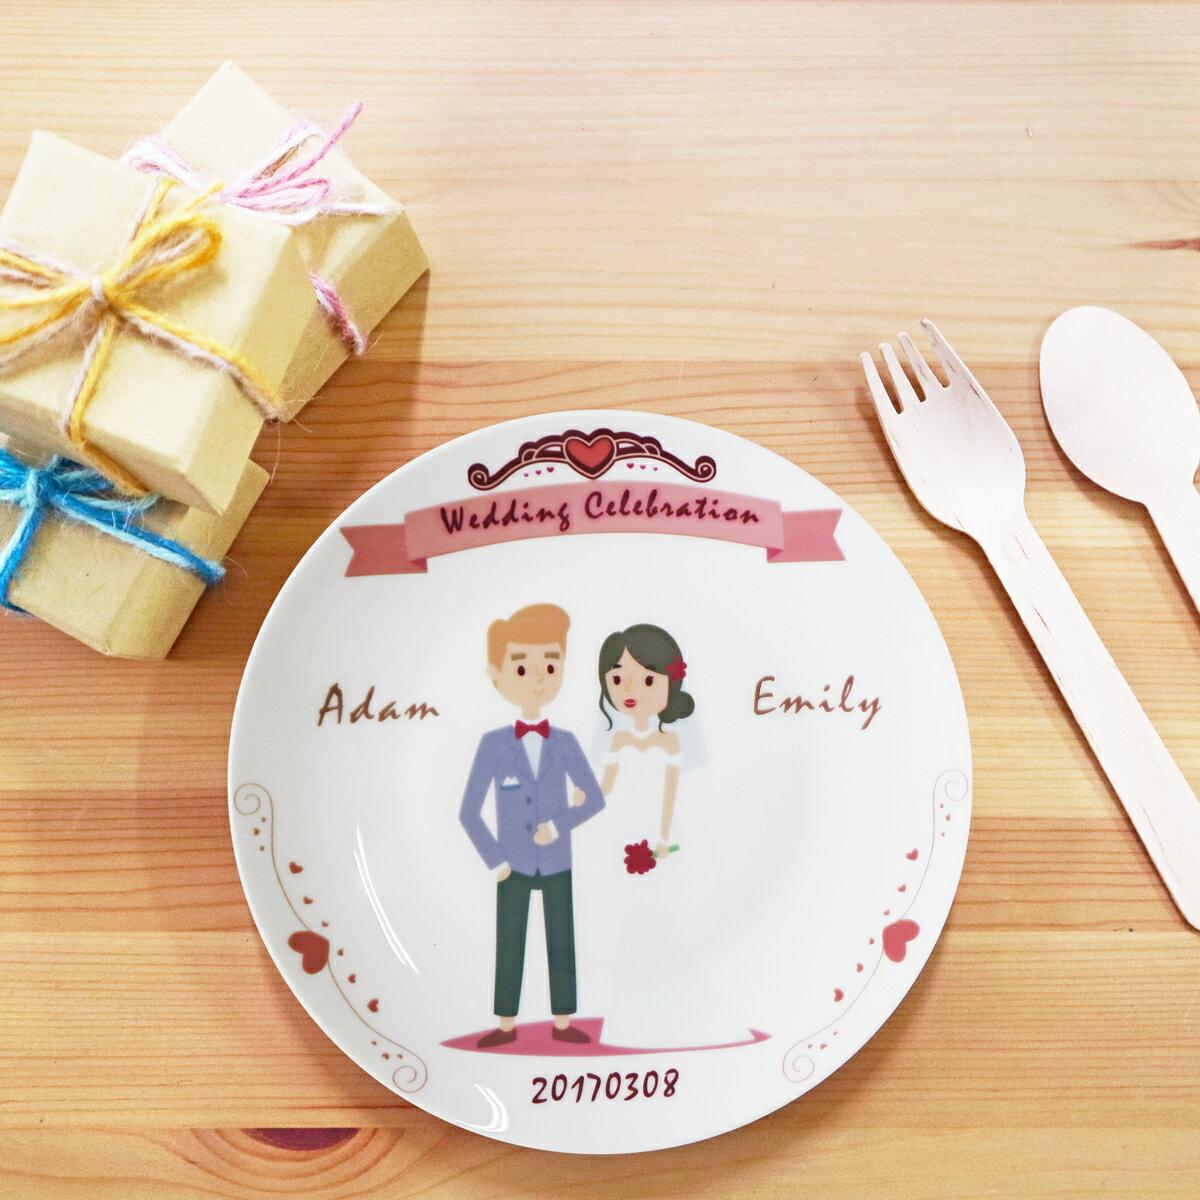 《陶緣彩瓷》 白色婚禮Wedding Celebration-6.5吋骨瓷盤 / 結婚禮物/婚禮小物 / 伴娘禮物 / 客製化